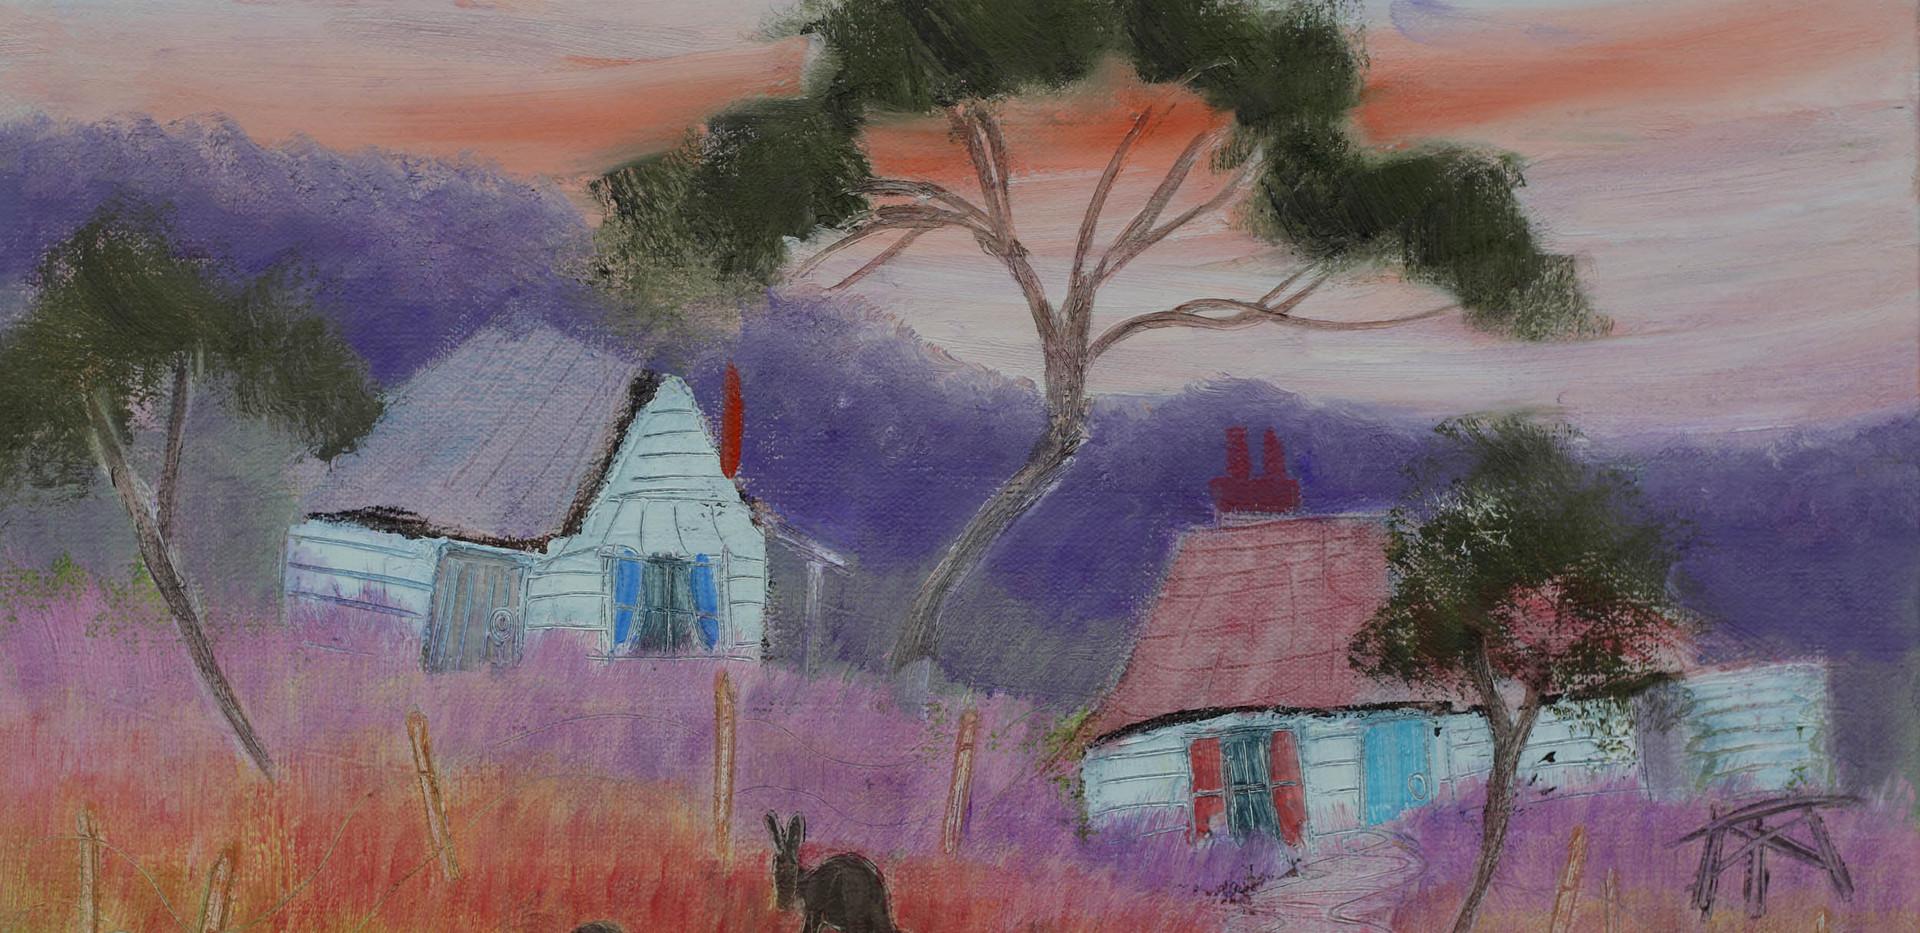 Quirky Cottages 2 - 51cm x 40cm